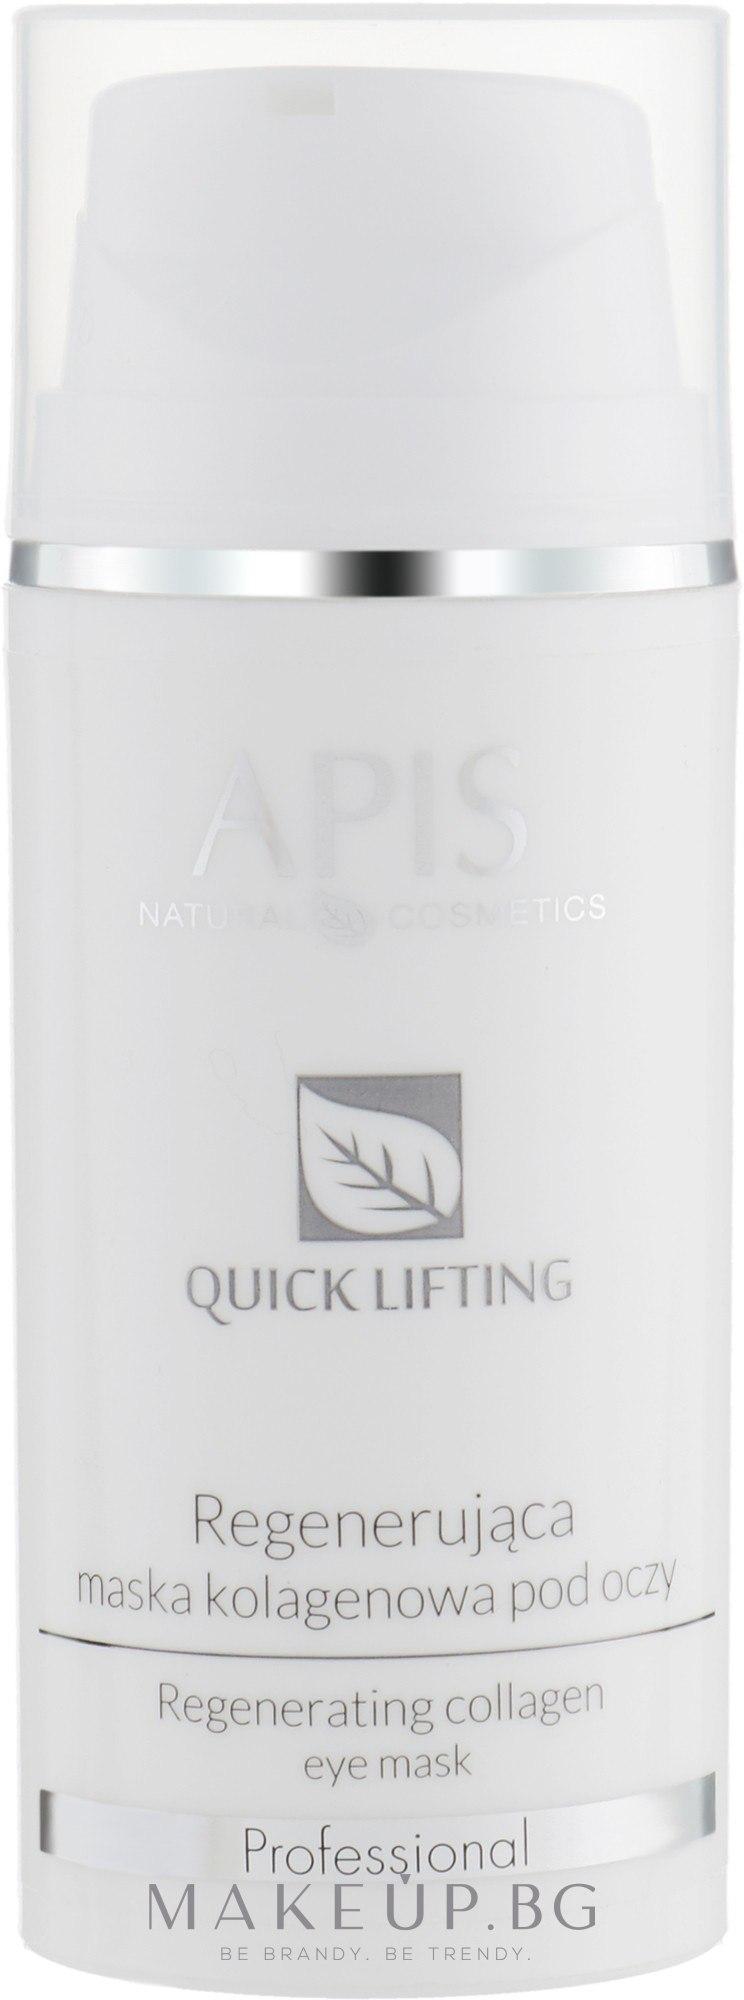 Регенерираща колагенова маска за околоочния контур - APIS Professional Quick Lifting Regenerating Collagen Eye Mask — снимка 100 ml